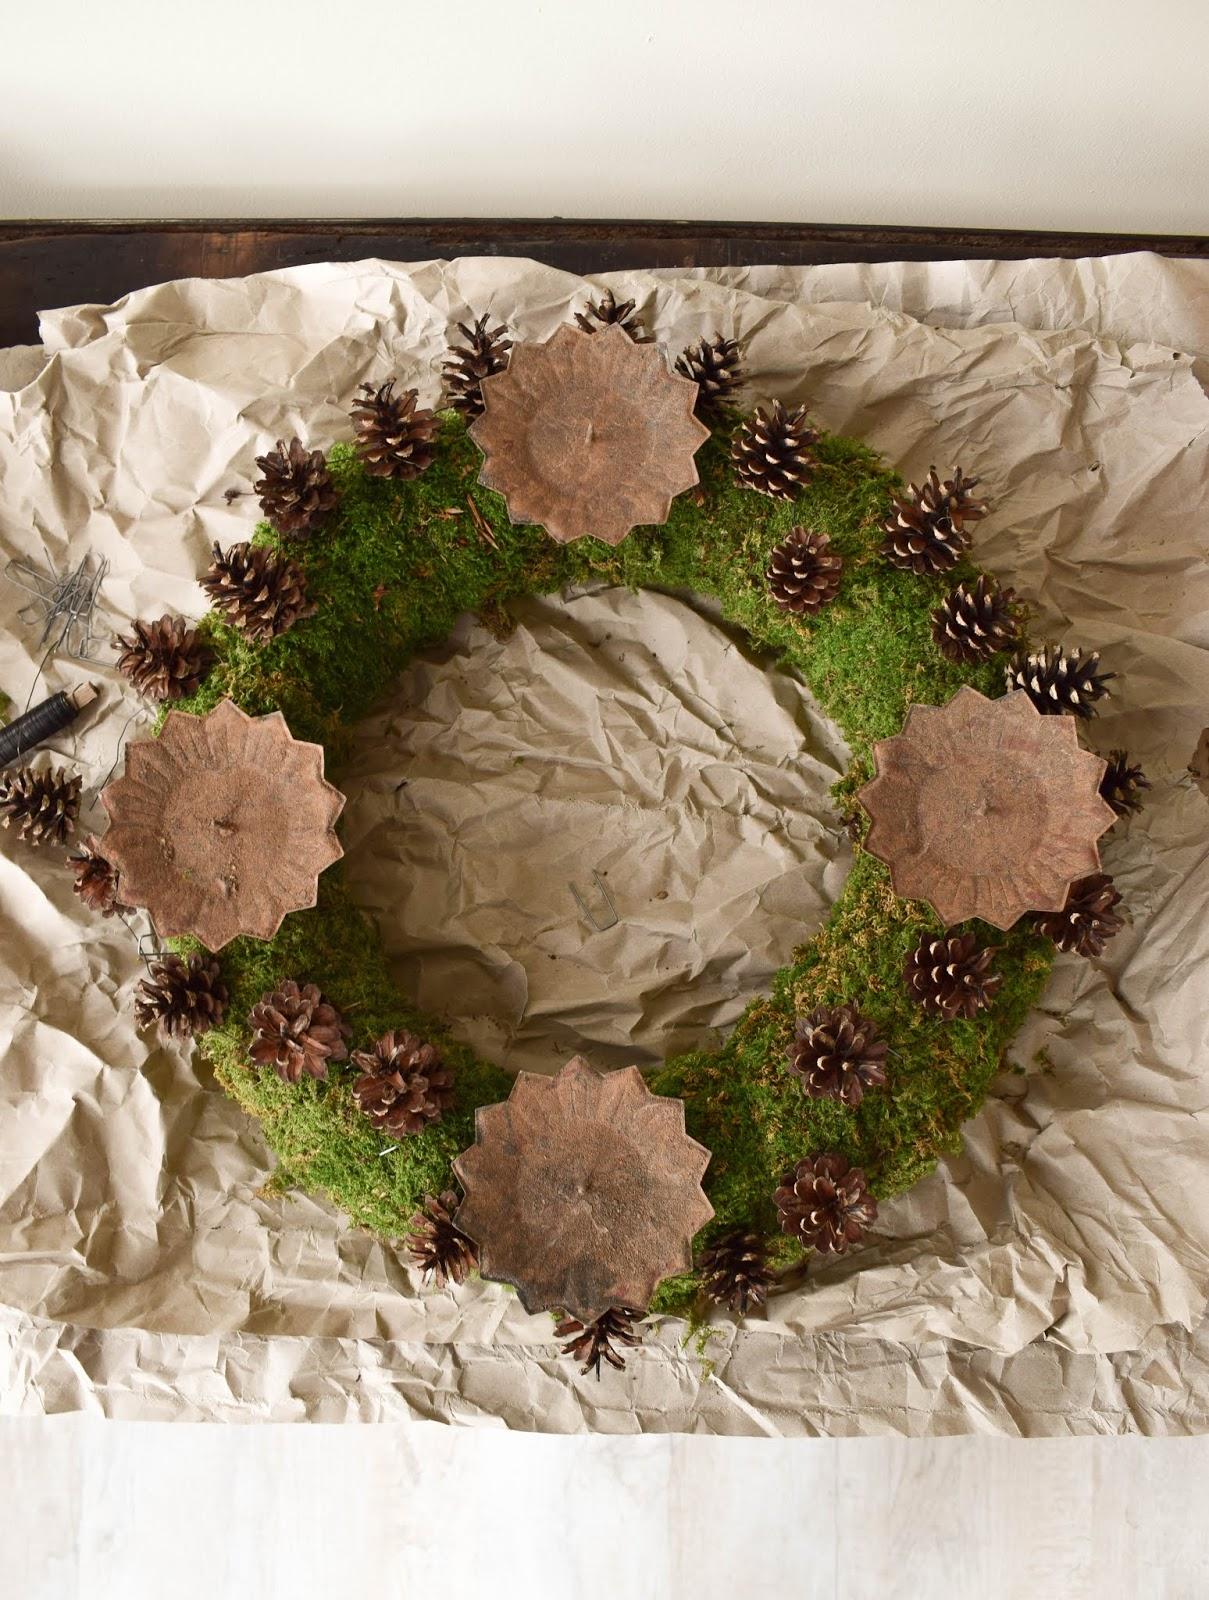 Schritt für Schritt zum Adventskranz aus Moos. Natürlicher Kranz für Advent und Weihnachten- Selber machen mit Naturmaterialien